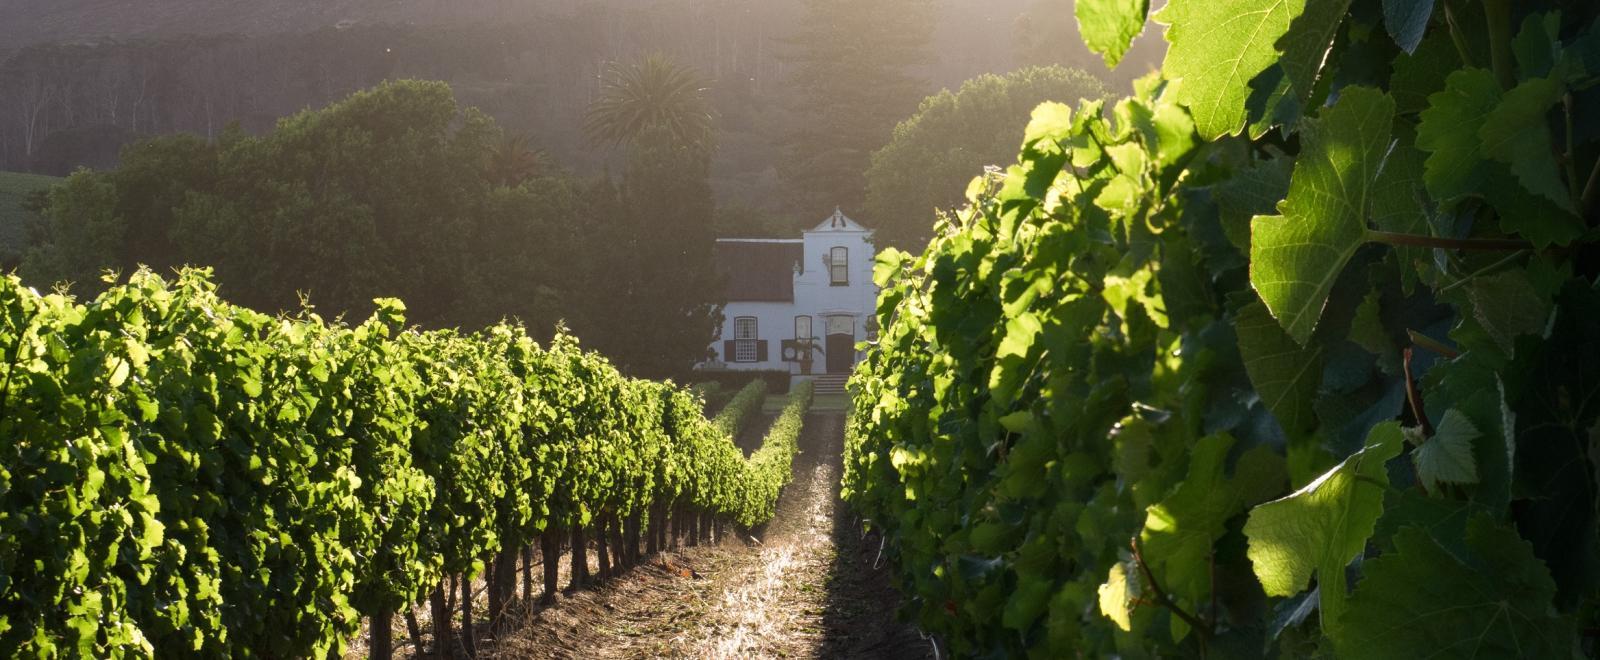 Lär dig mer om etisk och hållbar vinodling i Sydafrika genom att besöka några av de bästa vingårdarna i Stellenbosch.